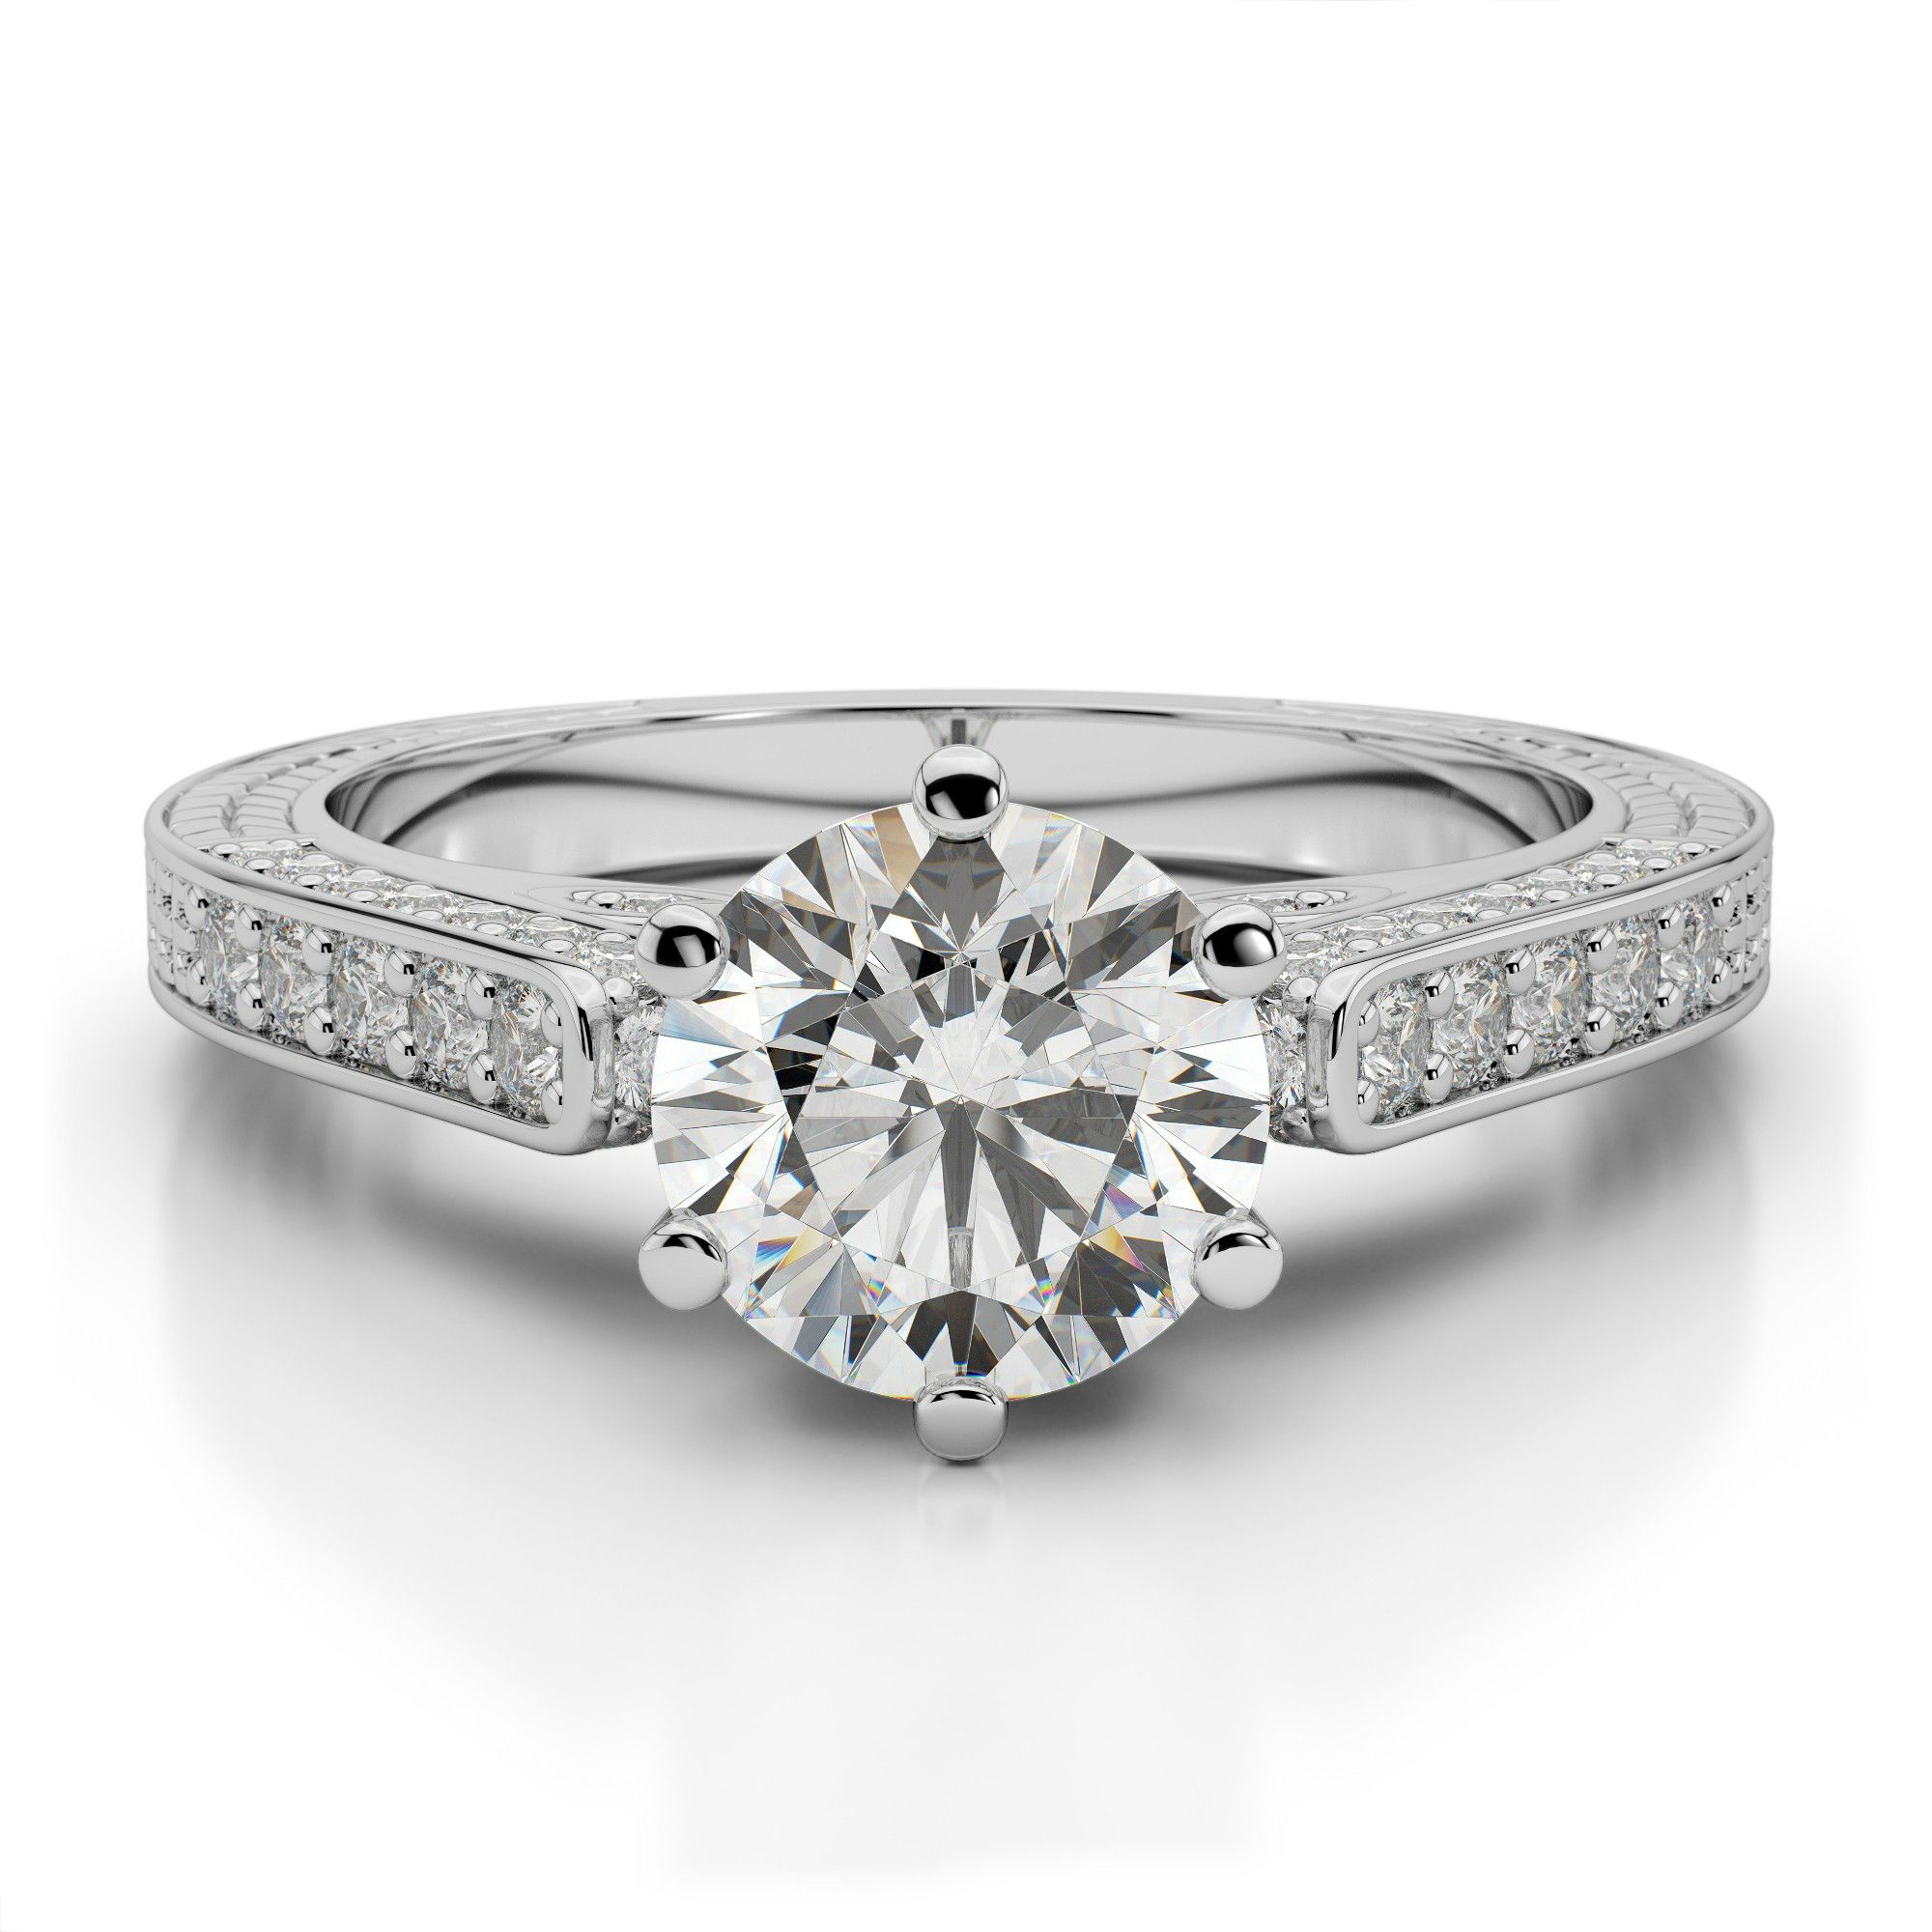 1.00 Carat Round Moissanite & Diamond Vintage Style